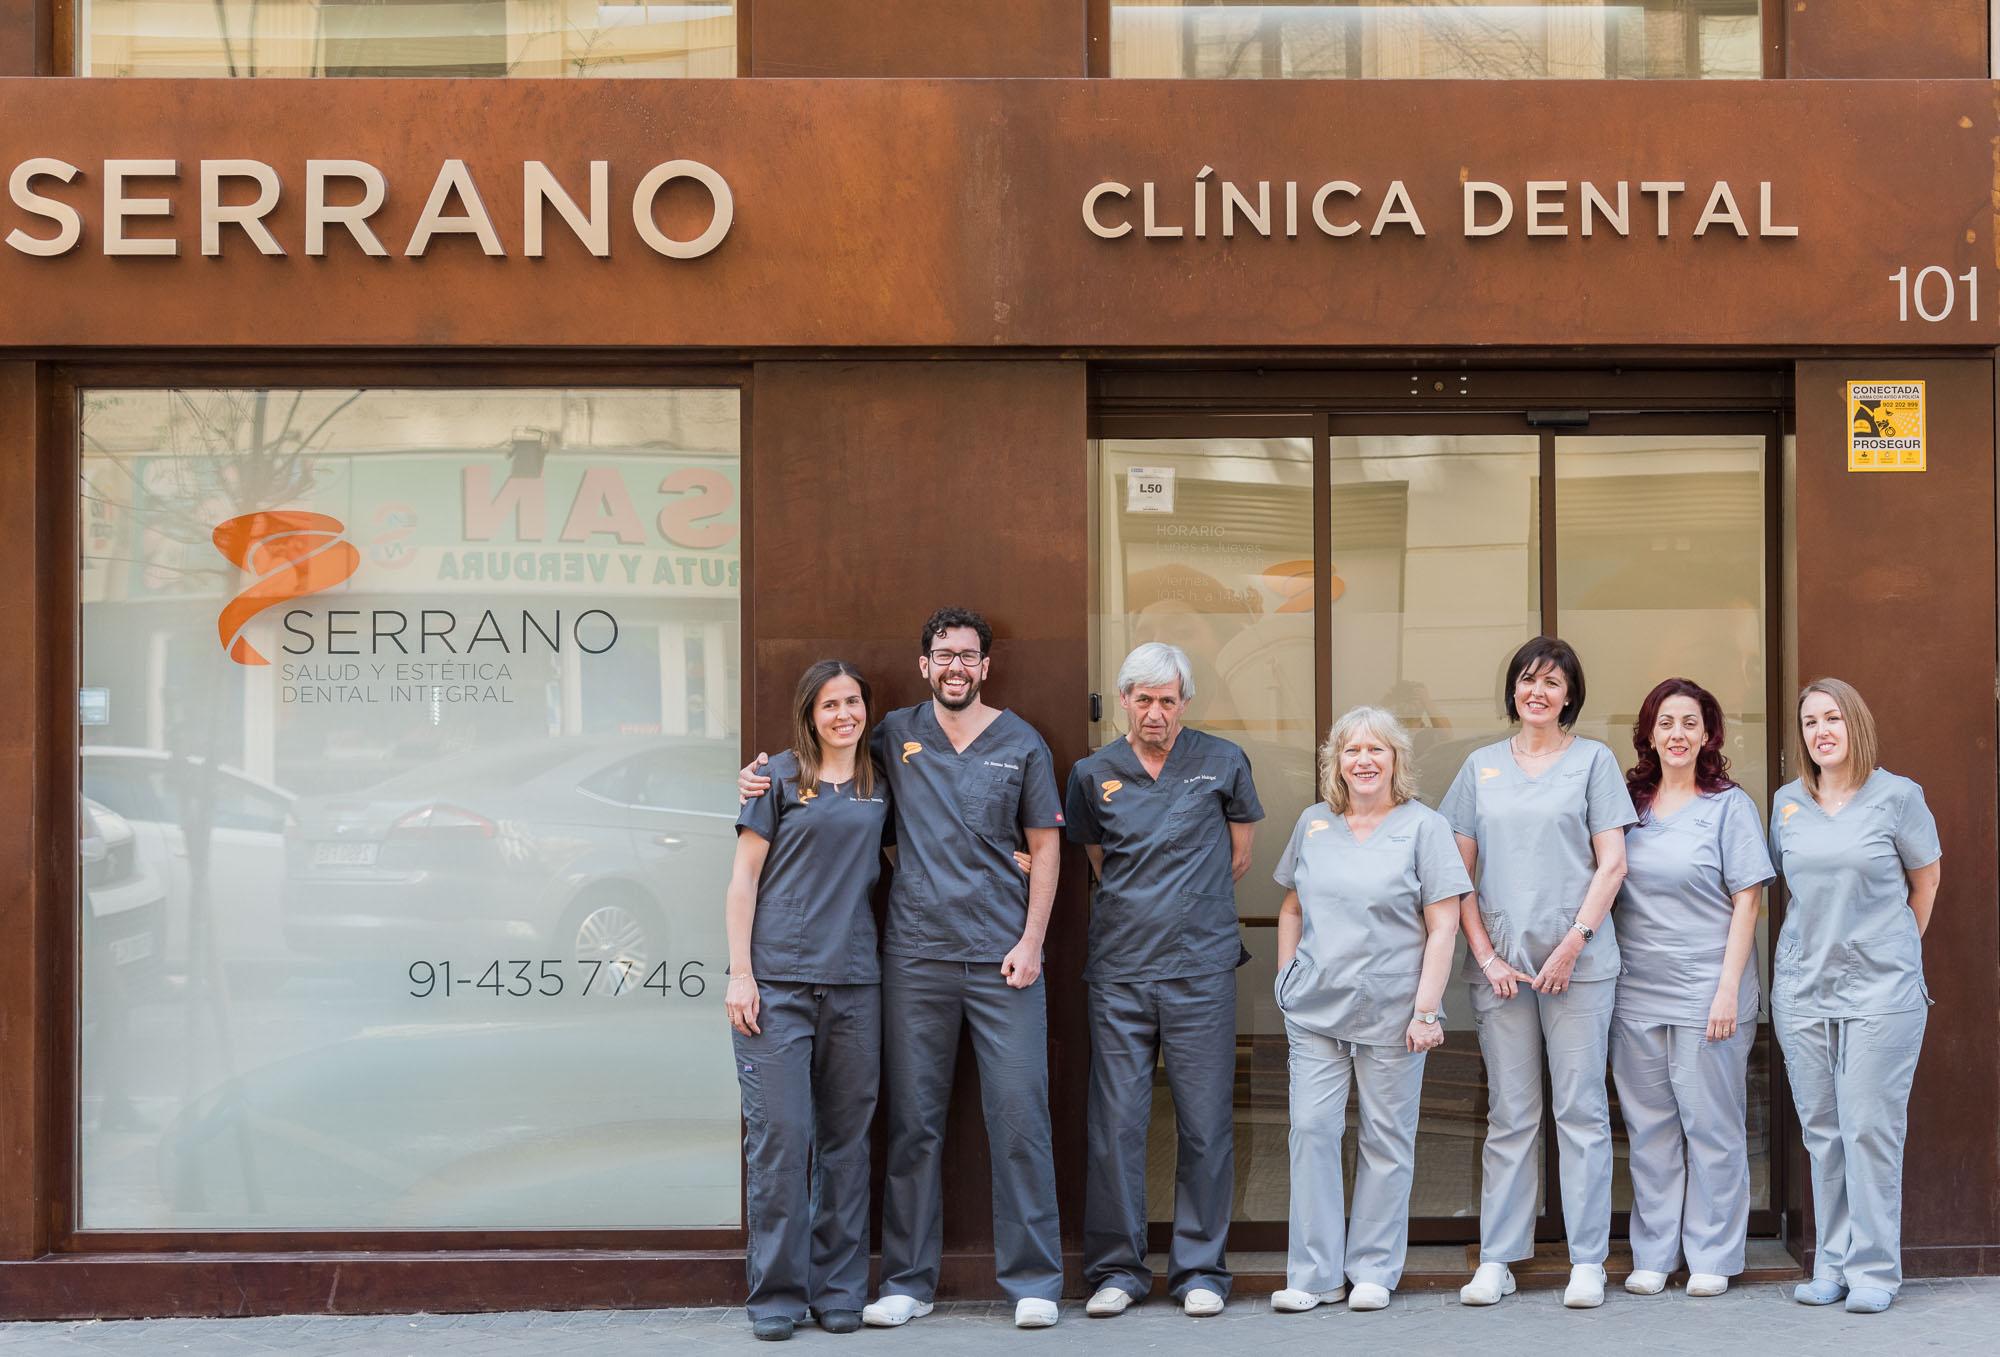 Serrano Clínica dental